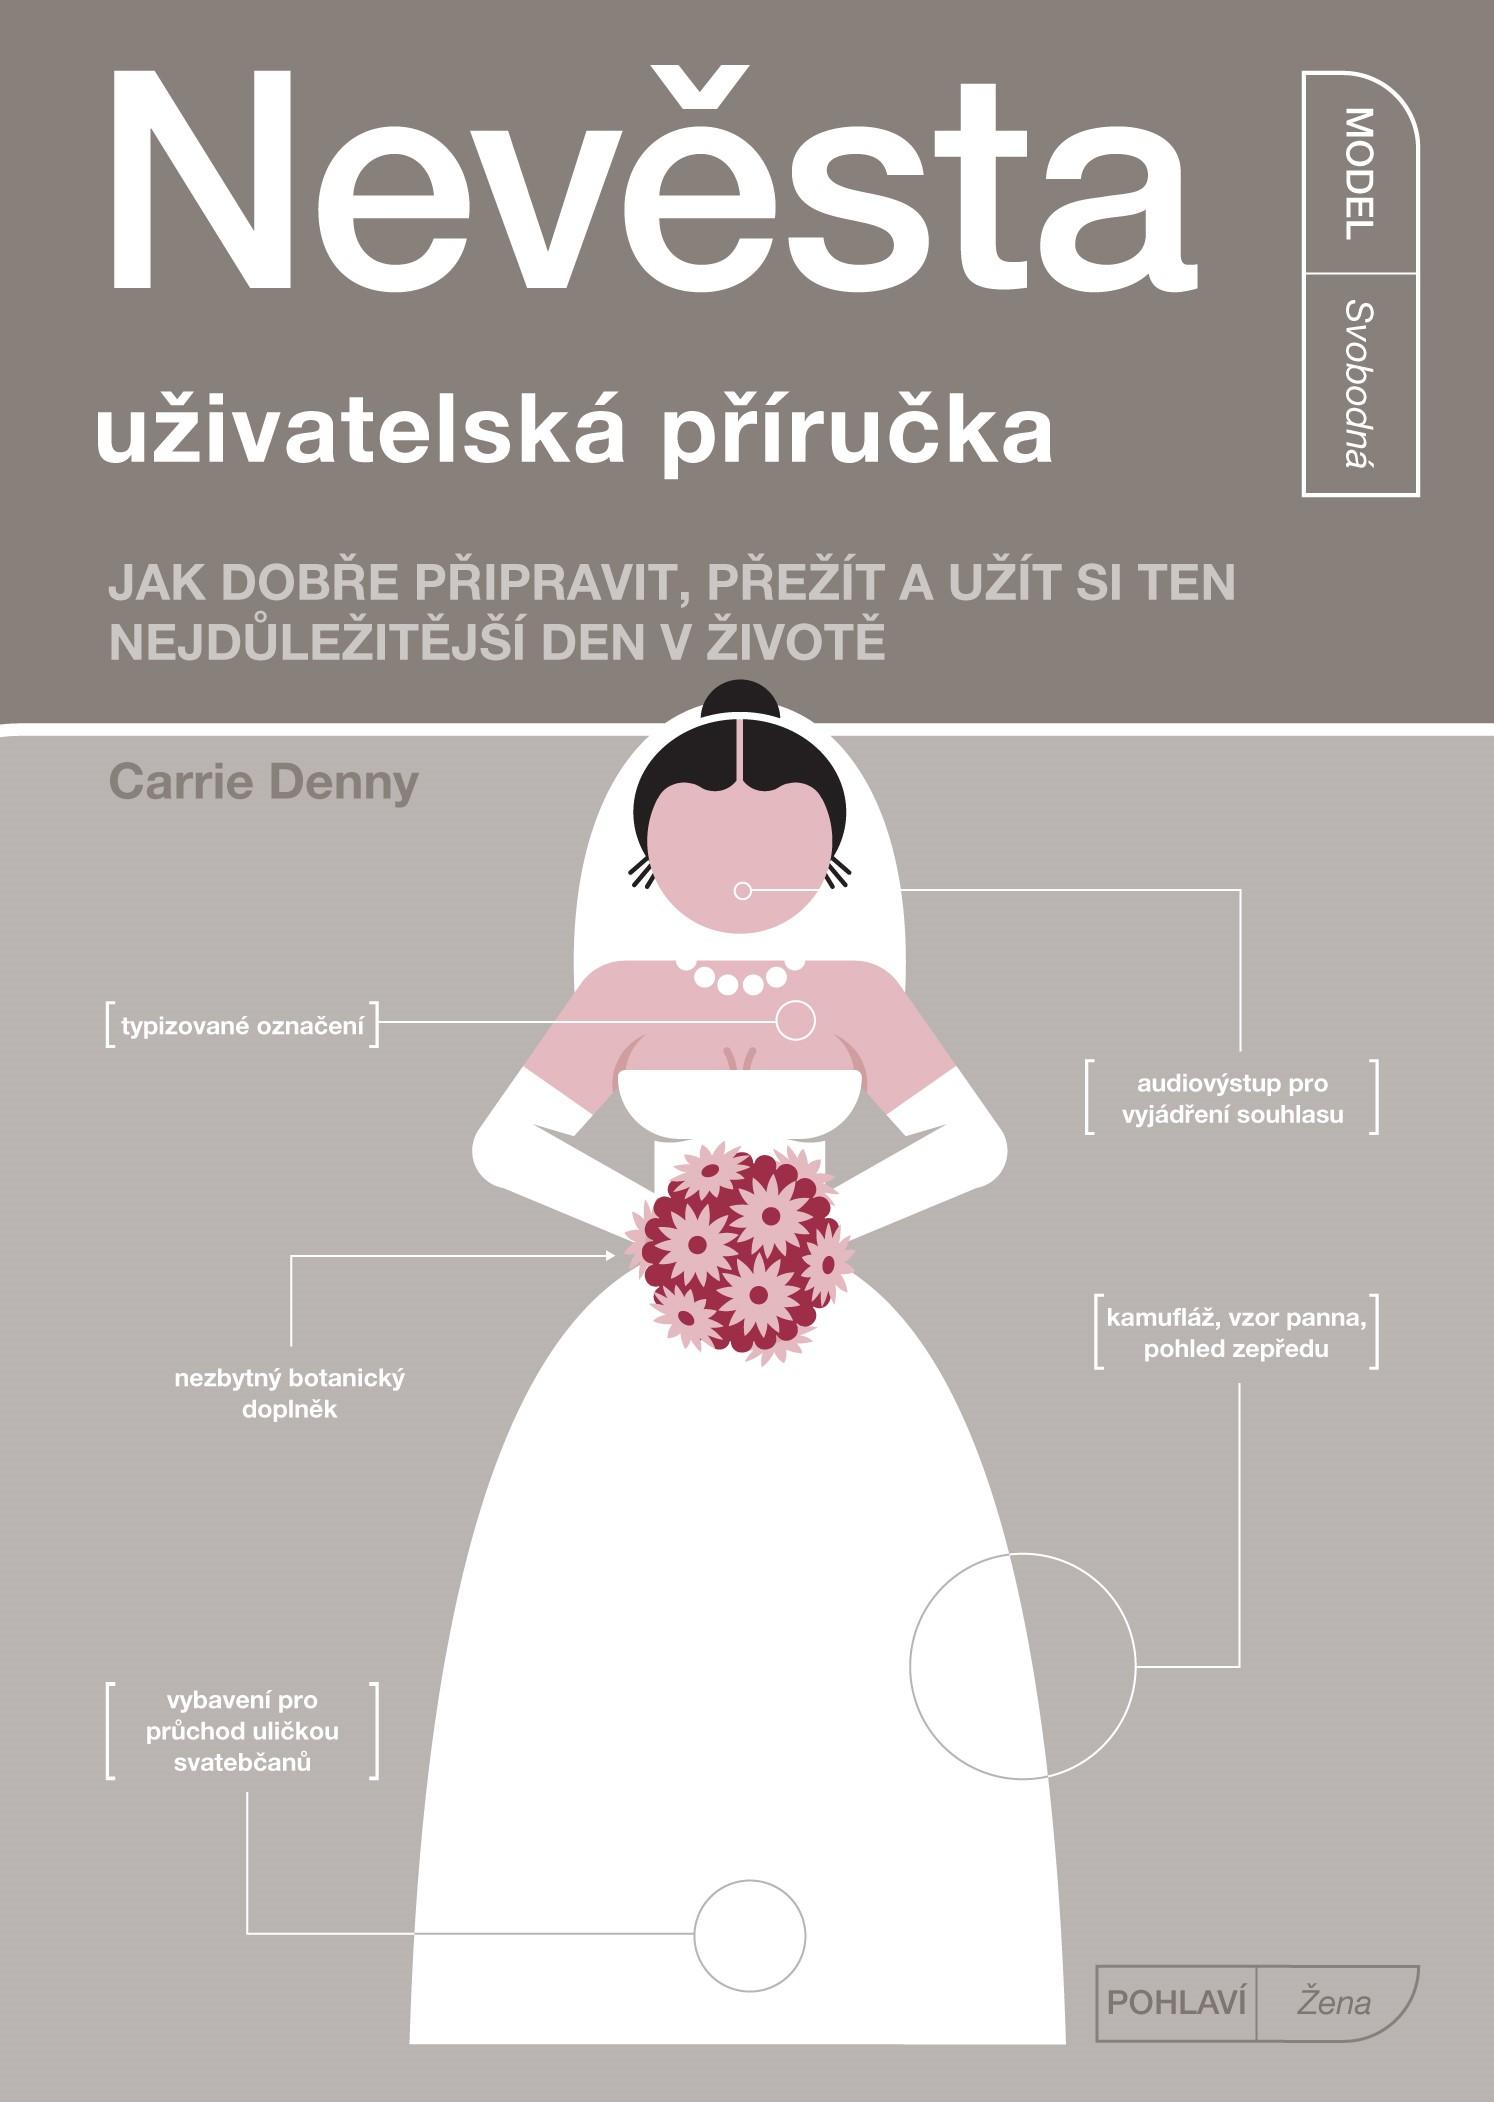 Nevěsta - uživatelská příručka